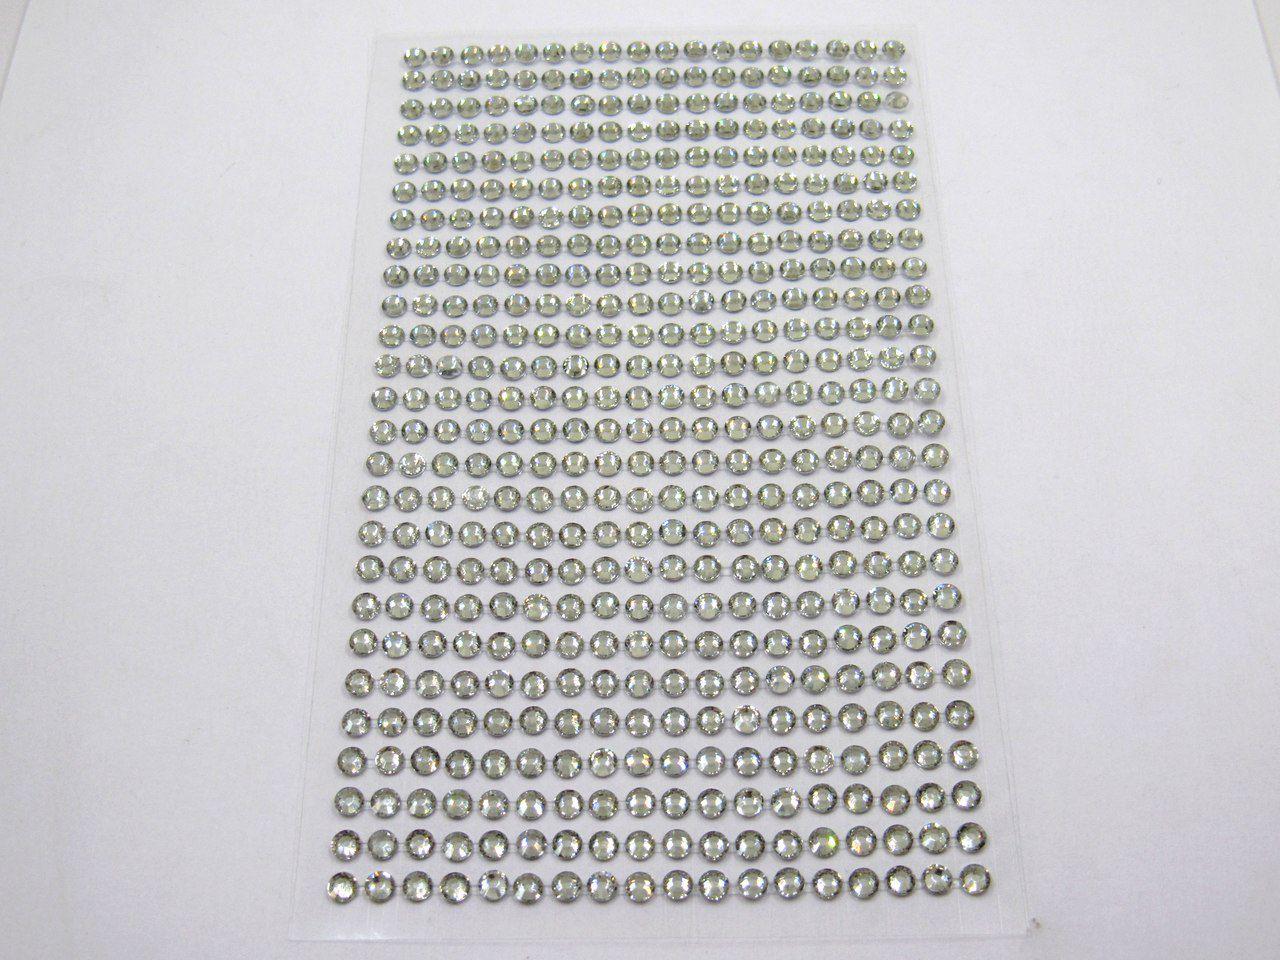 cartela de adesivo strass 4mm 468 unidades